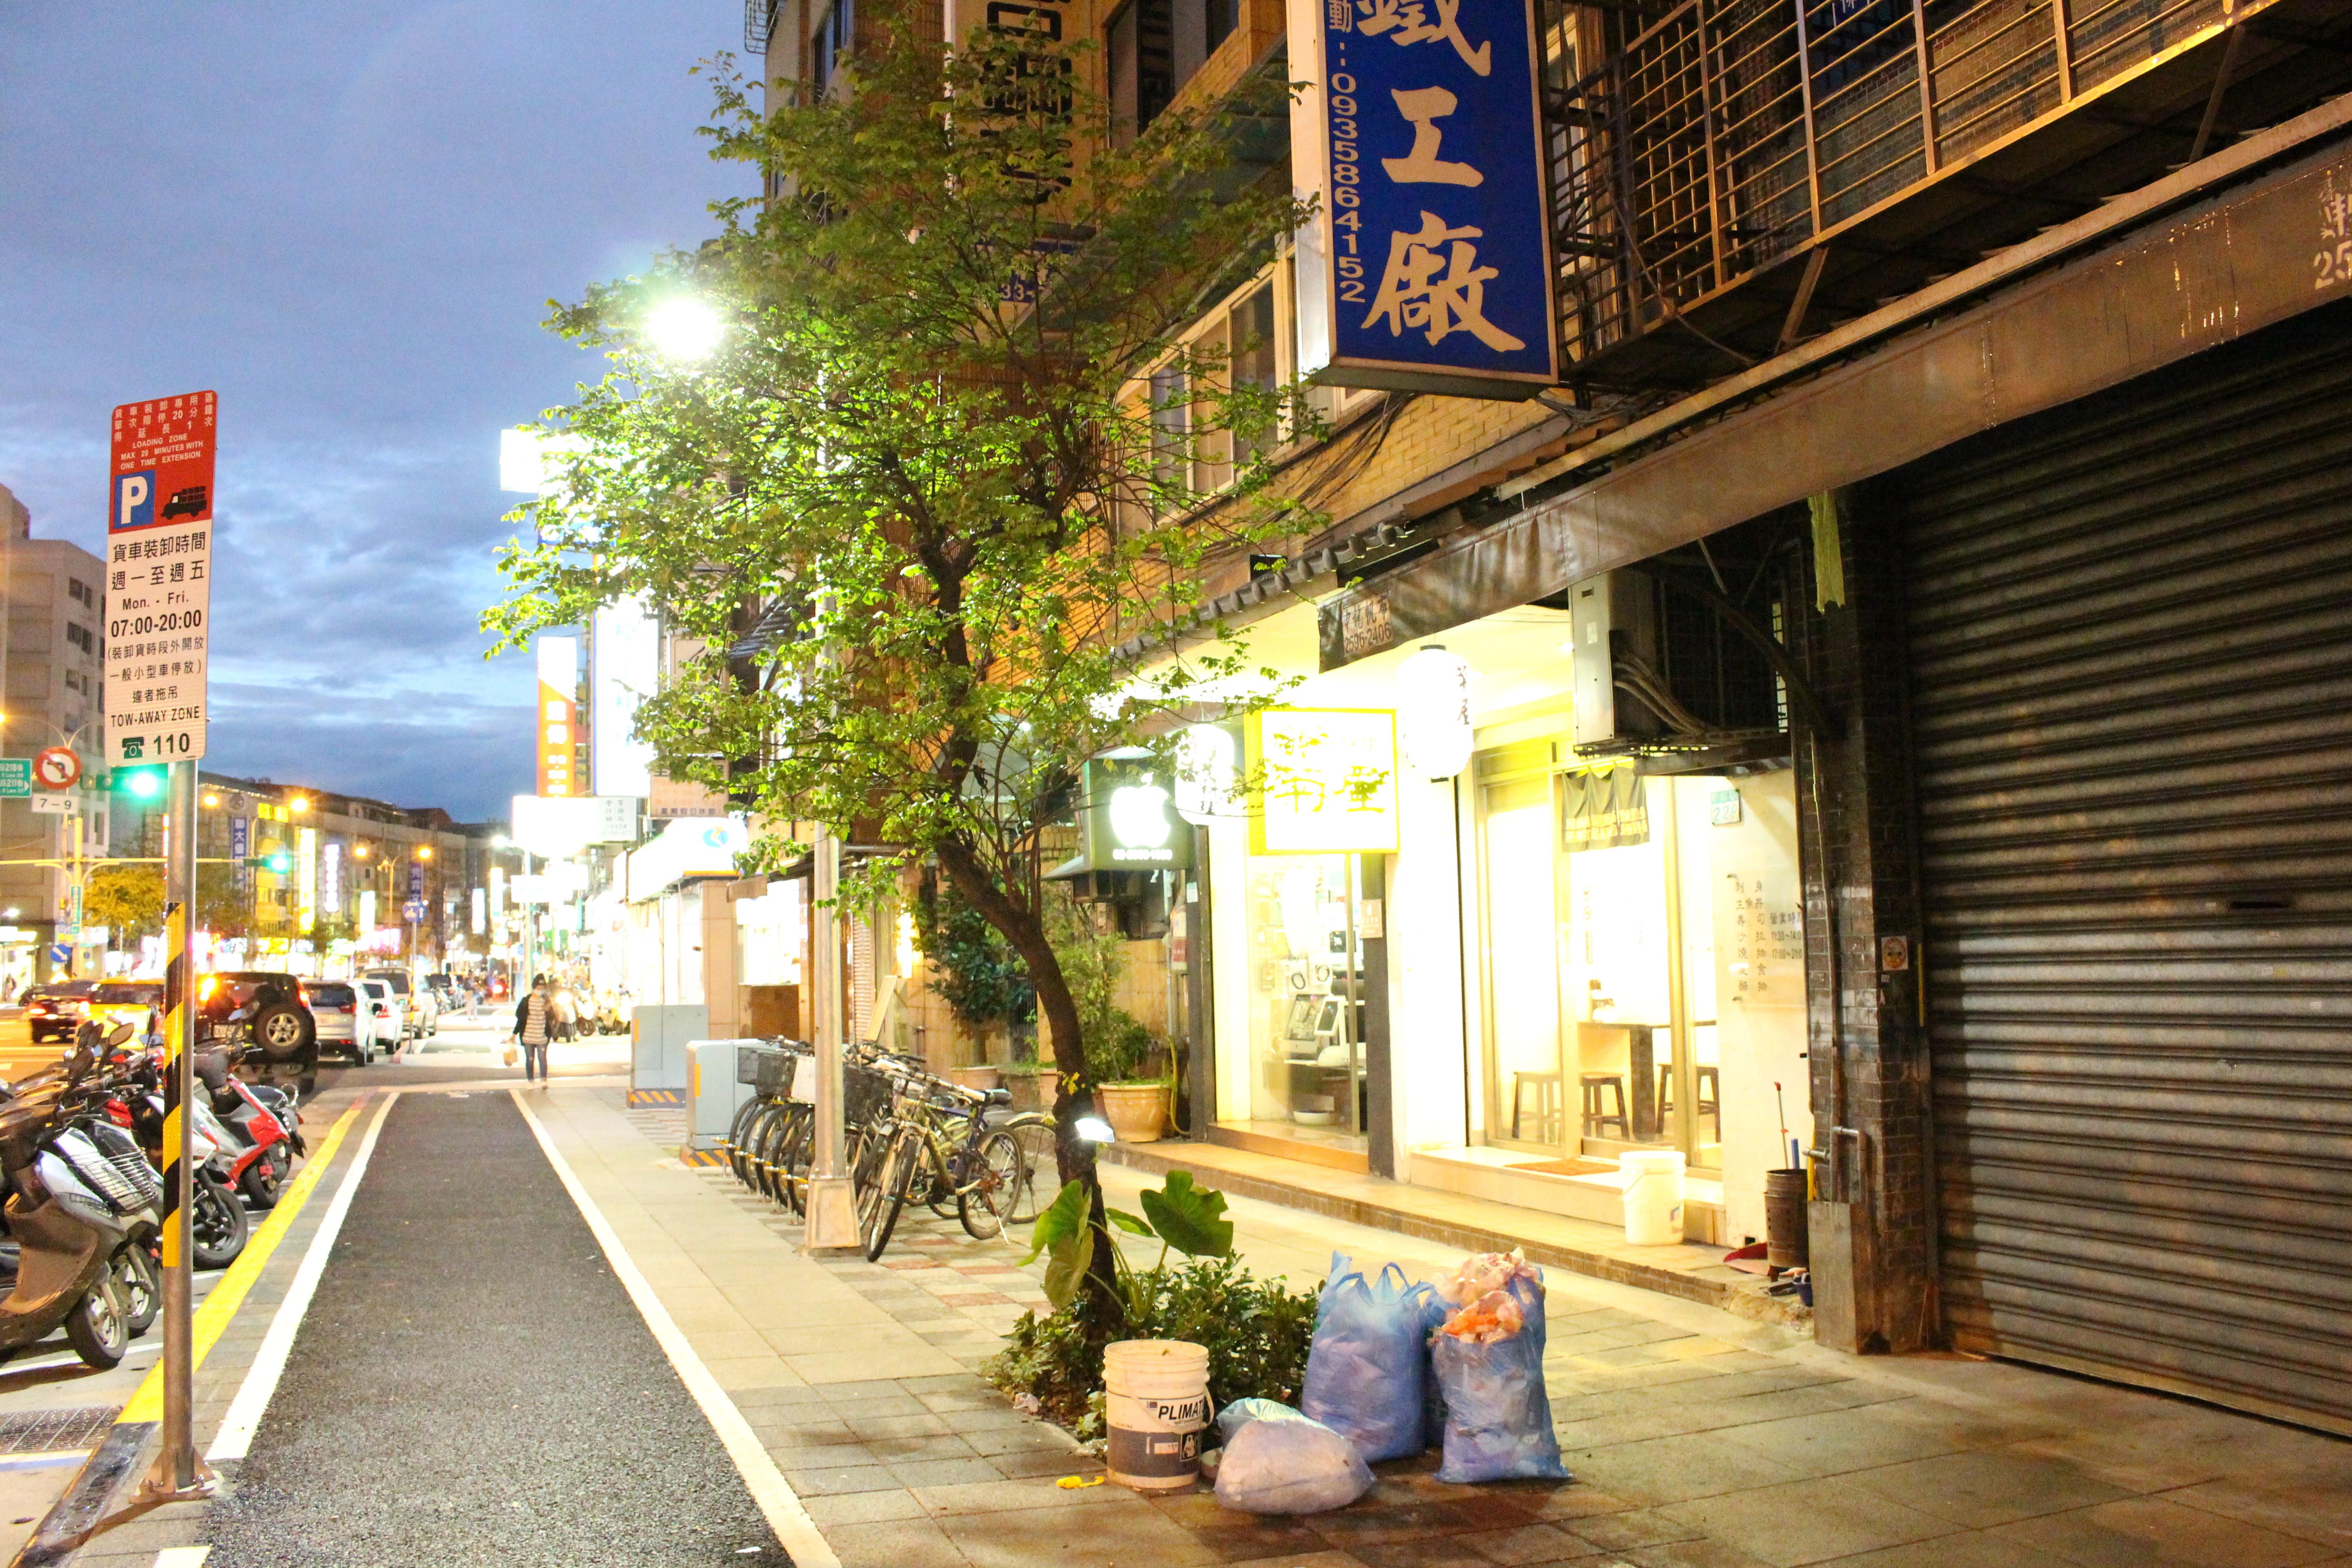 長長的人行道上,只有一棵路樹,人行道上路樹寥寥無幾。攝影/徐沛姍